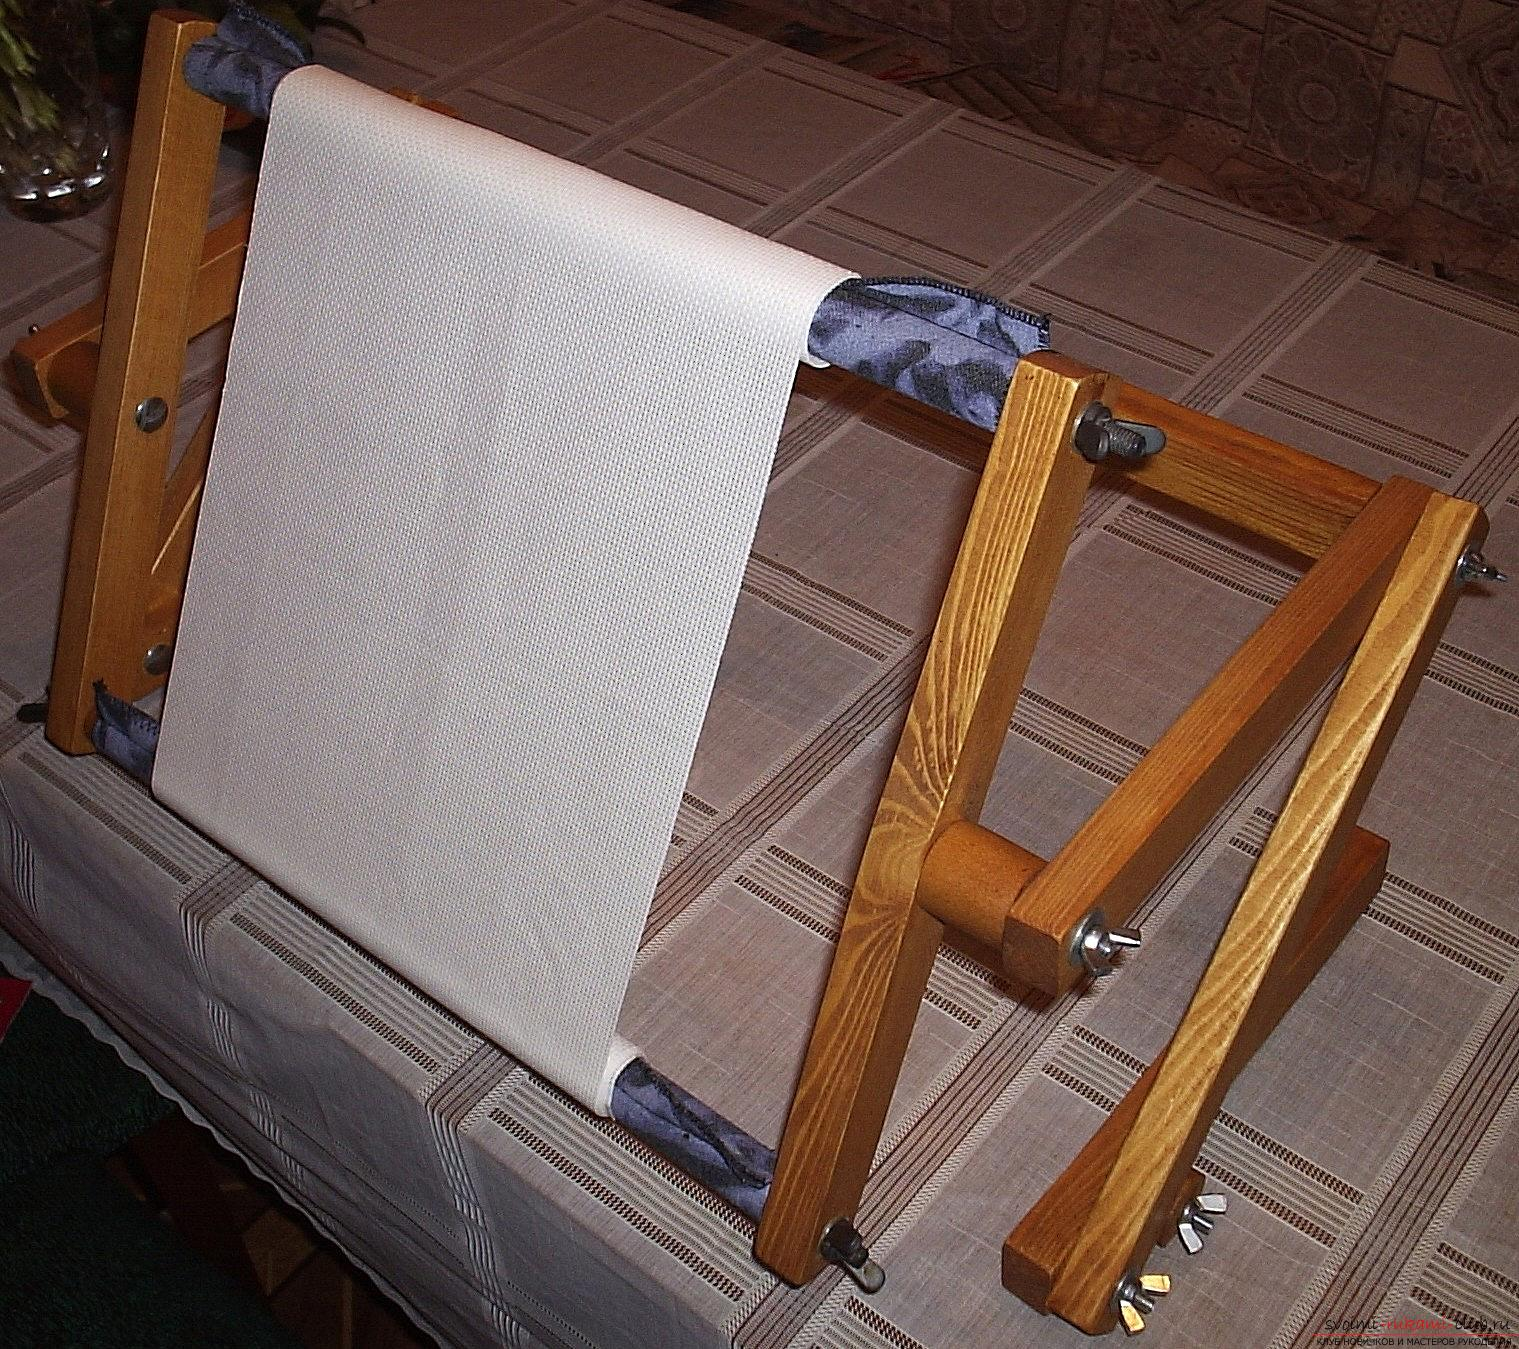 Рамка для вышивки может быть изготовлена